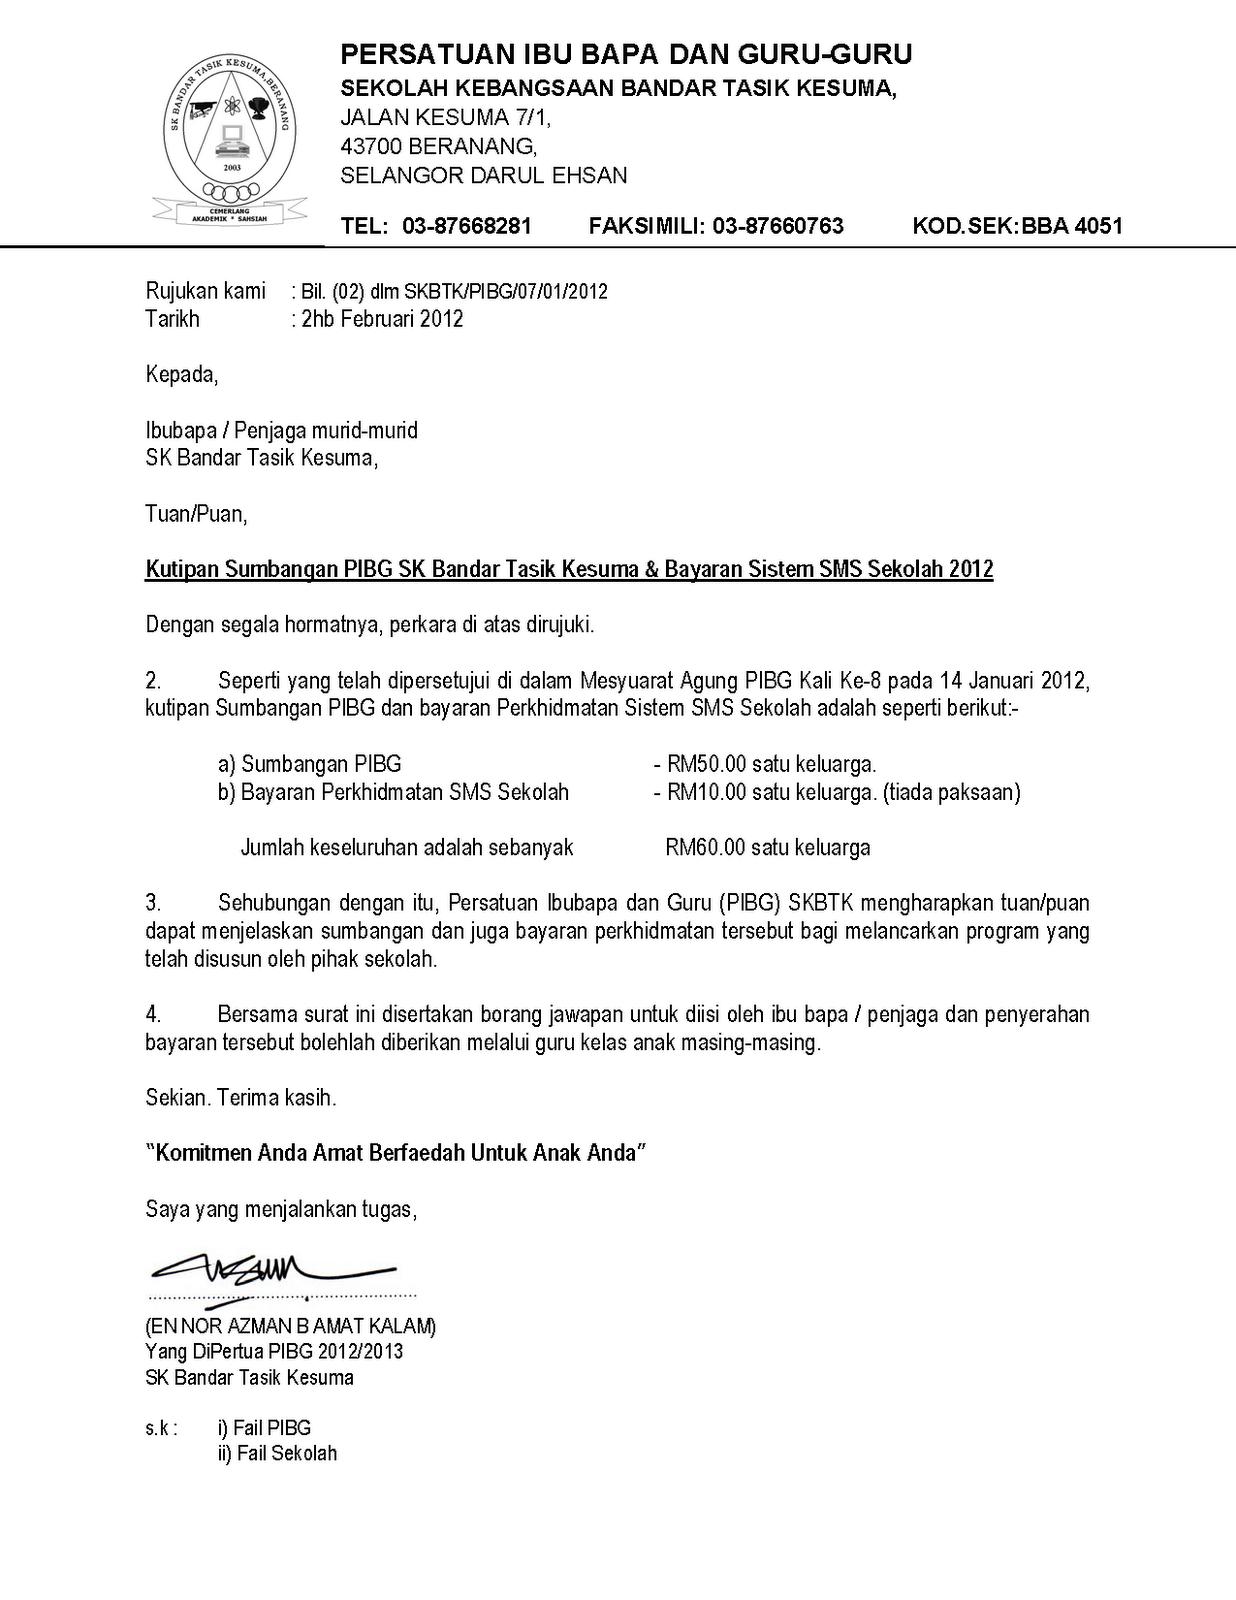 Sumbangan & Bayaran SMS Sekolah 2012